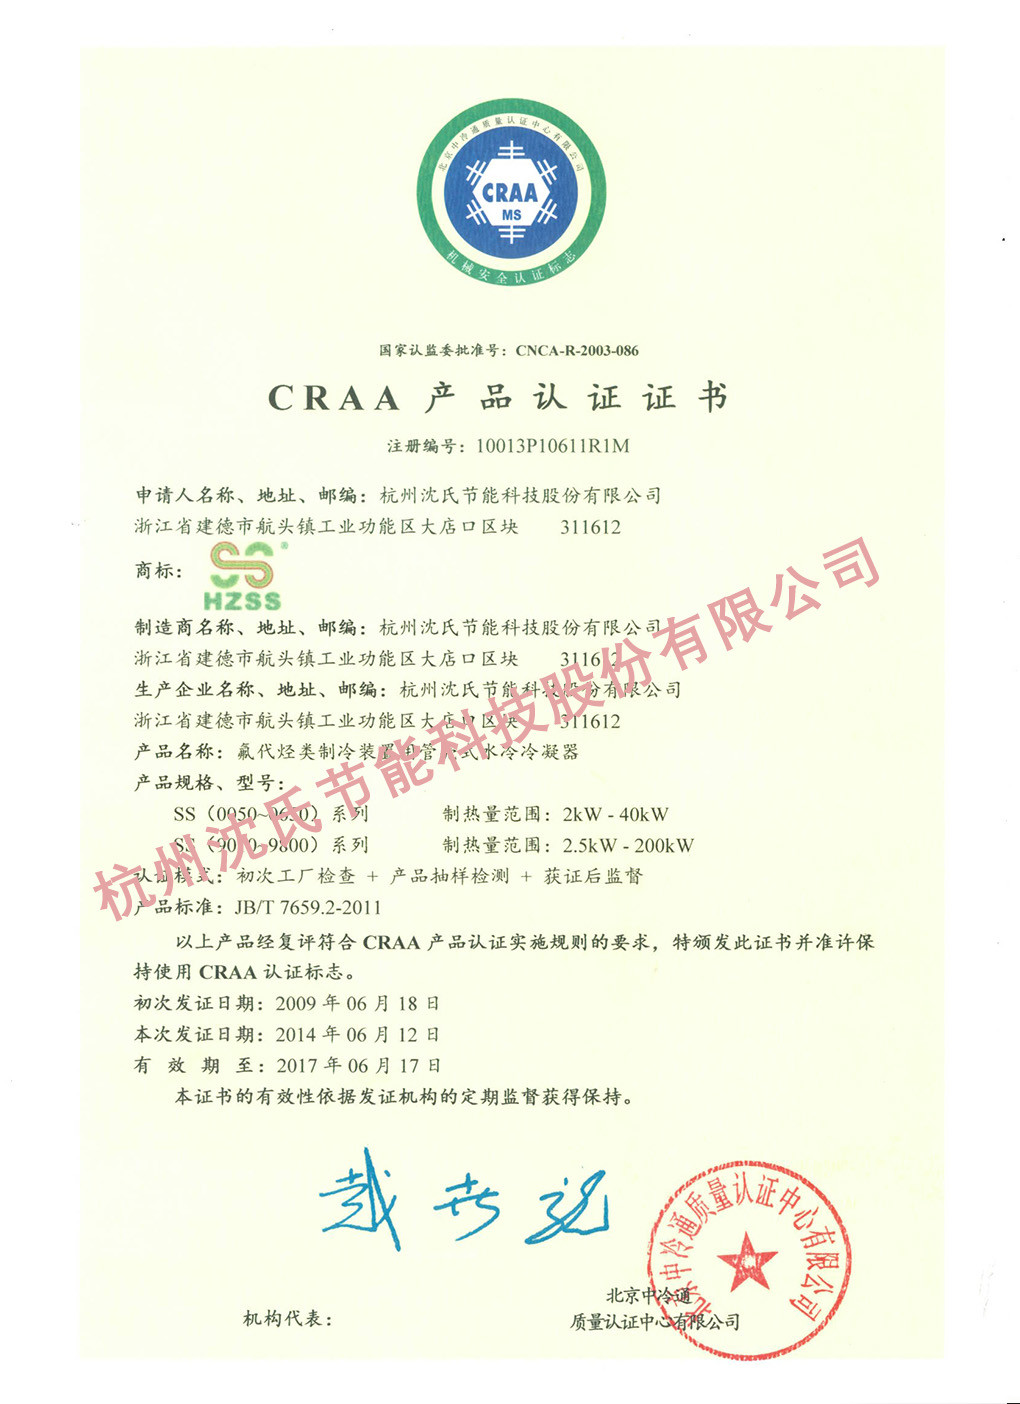 中国 制冷 协会 认证 证书